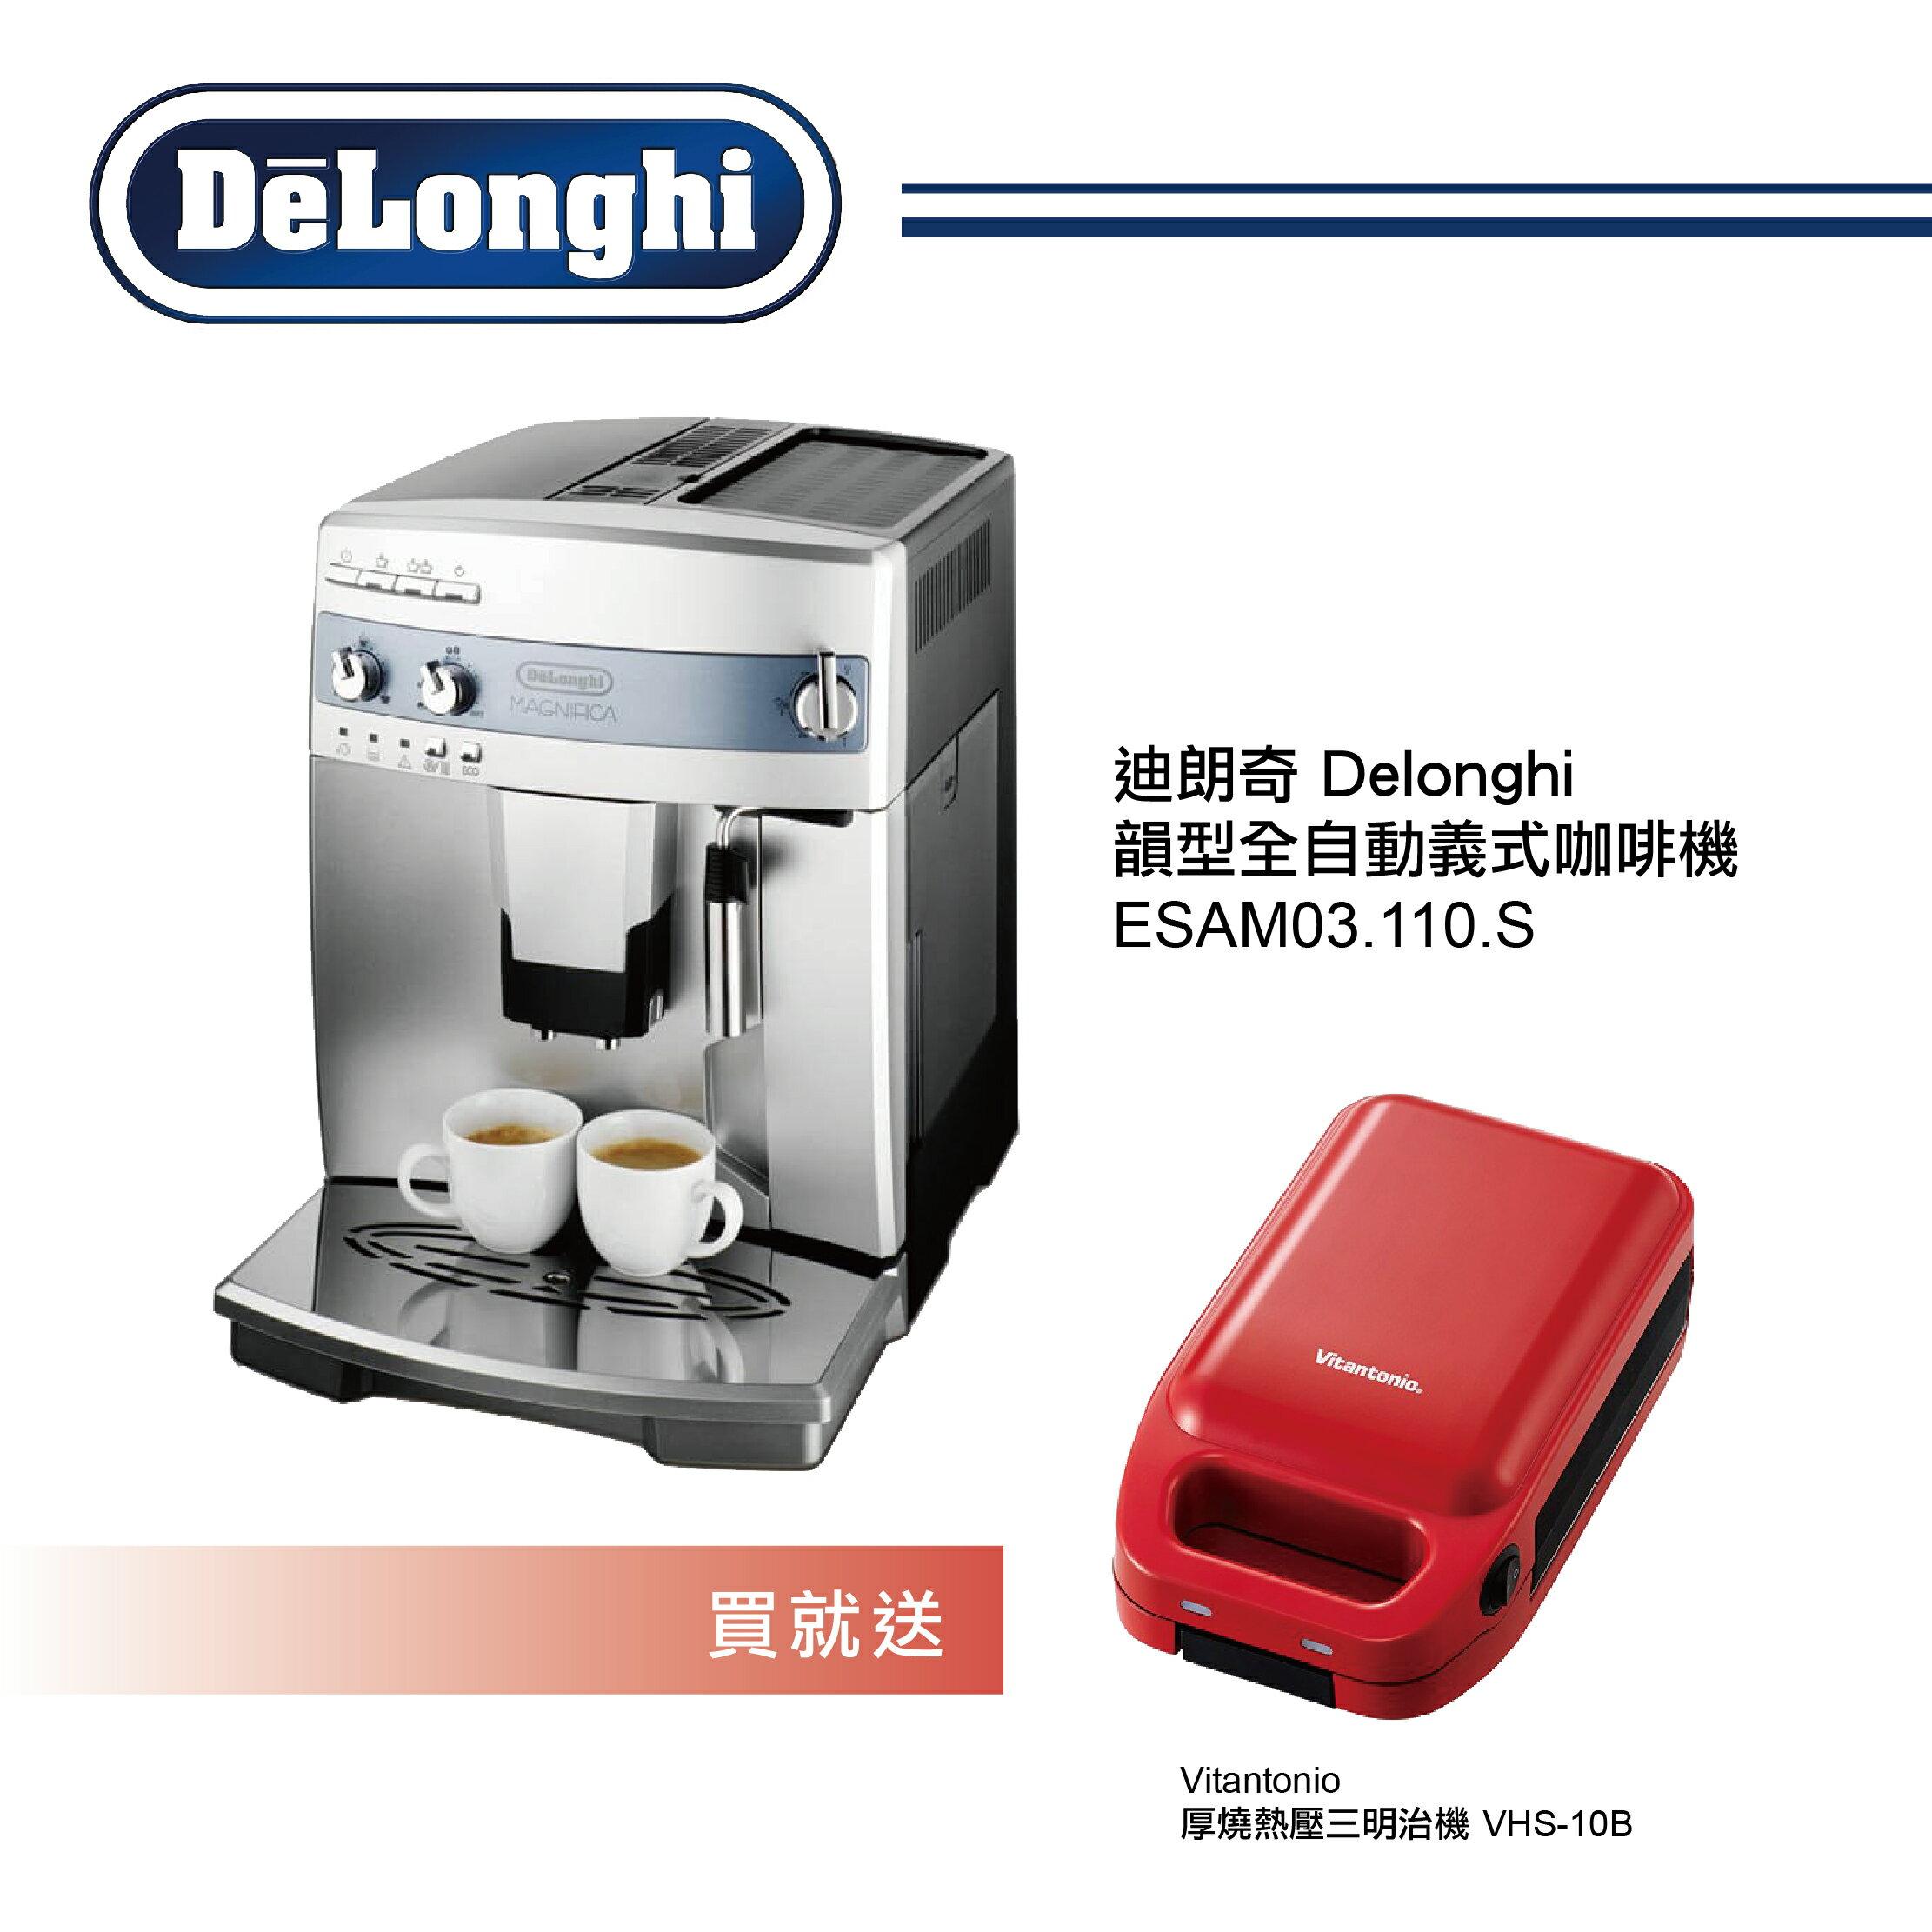 (加贈厚燒熱壓三明機)Delonghi ESAM 03.110.S 心韻型全自動咖啡機 - 限時優惠好康折扣